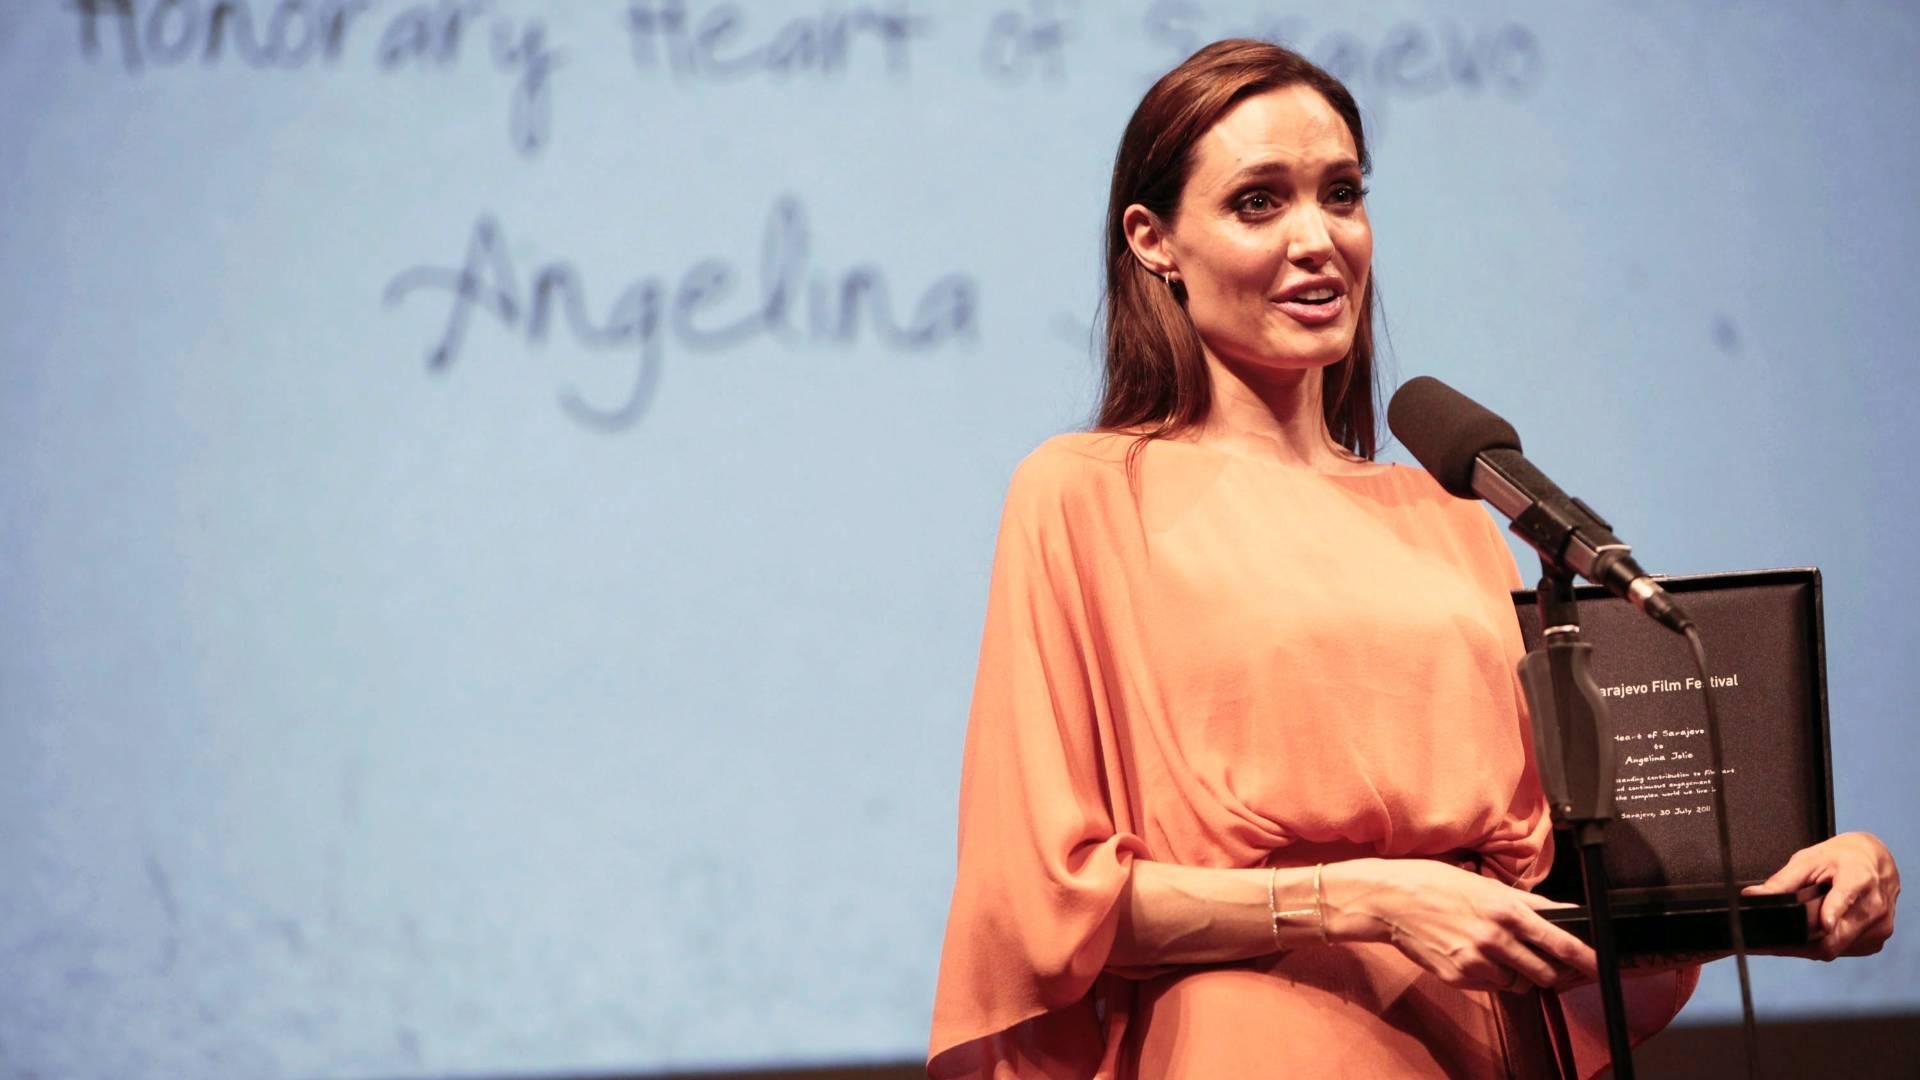 Atriz Angelina Jolie fala ao receber prêmio no festival de filmes de Sarajevo (31/07/2011)